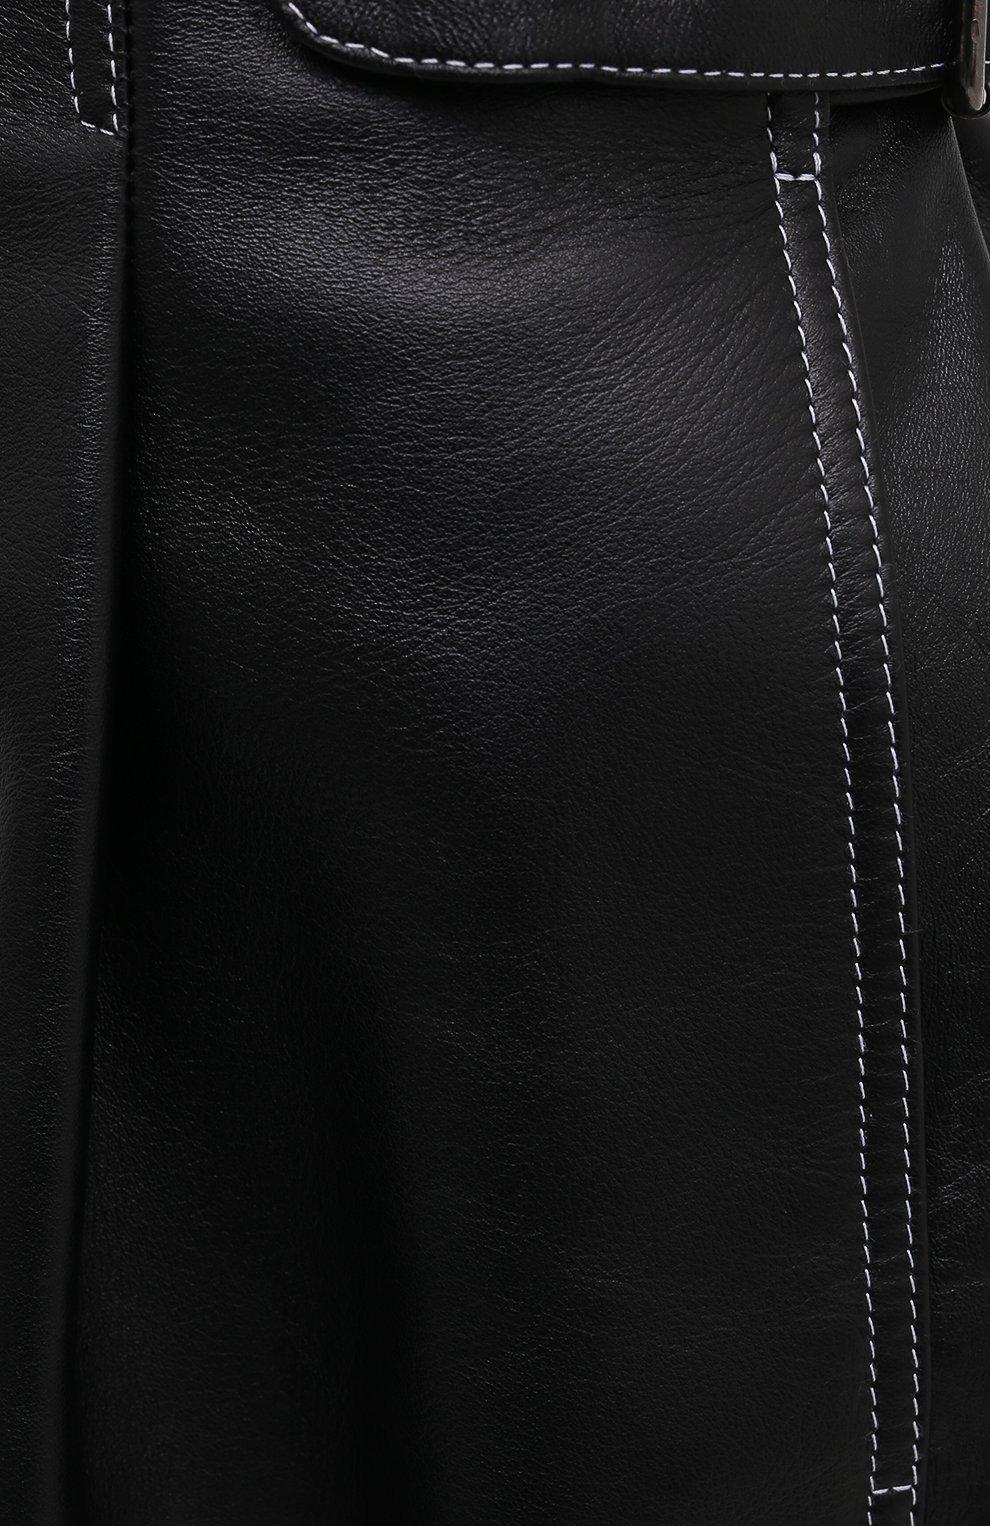 Женские кожаные шорты THE MANNEI черного цвета, арт. W21TM_SAKIB-SAKIB SH0RTS | Фото 5 (Женское Кросс-КТ: Шорты-одежда; Стили: Гламурный; Длина Ж (юбки, платья, шорты): Мини; Материал подклада: Вискоза)